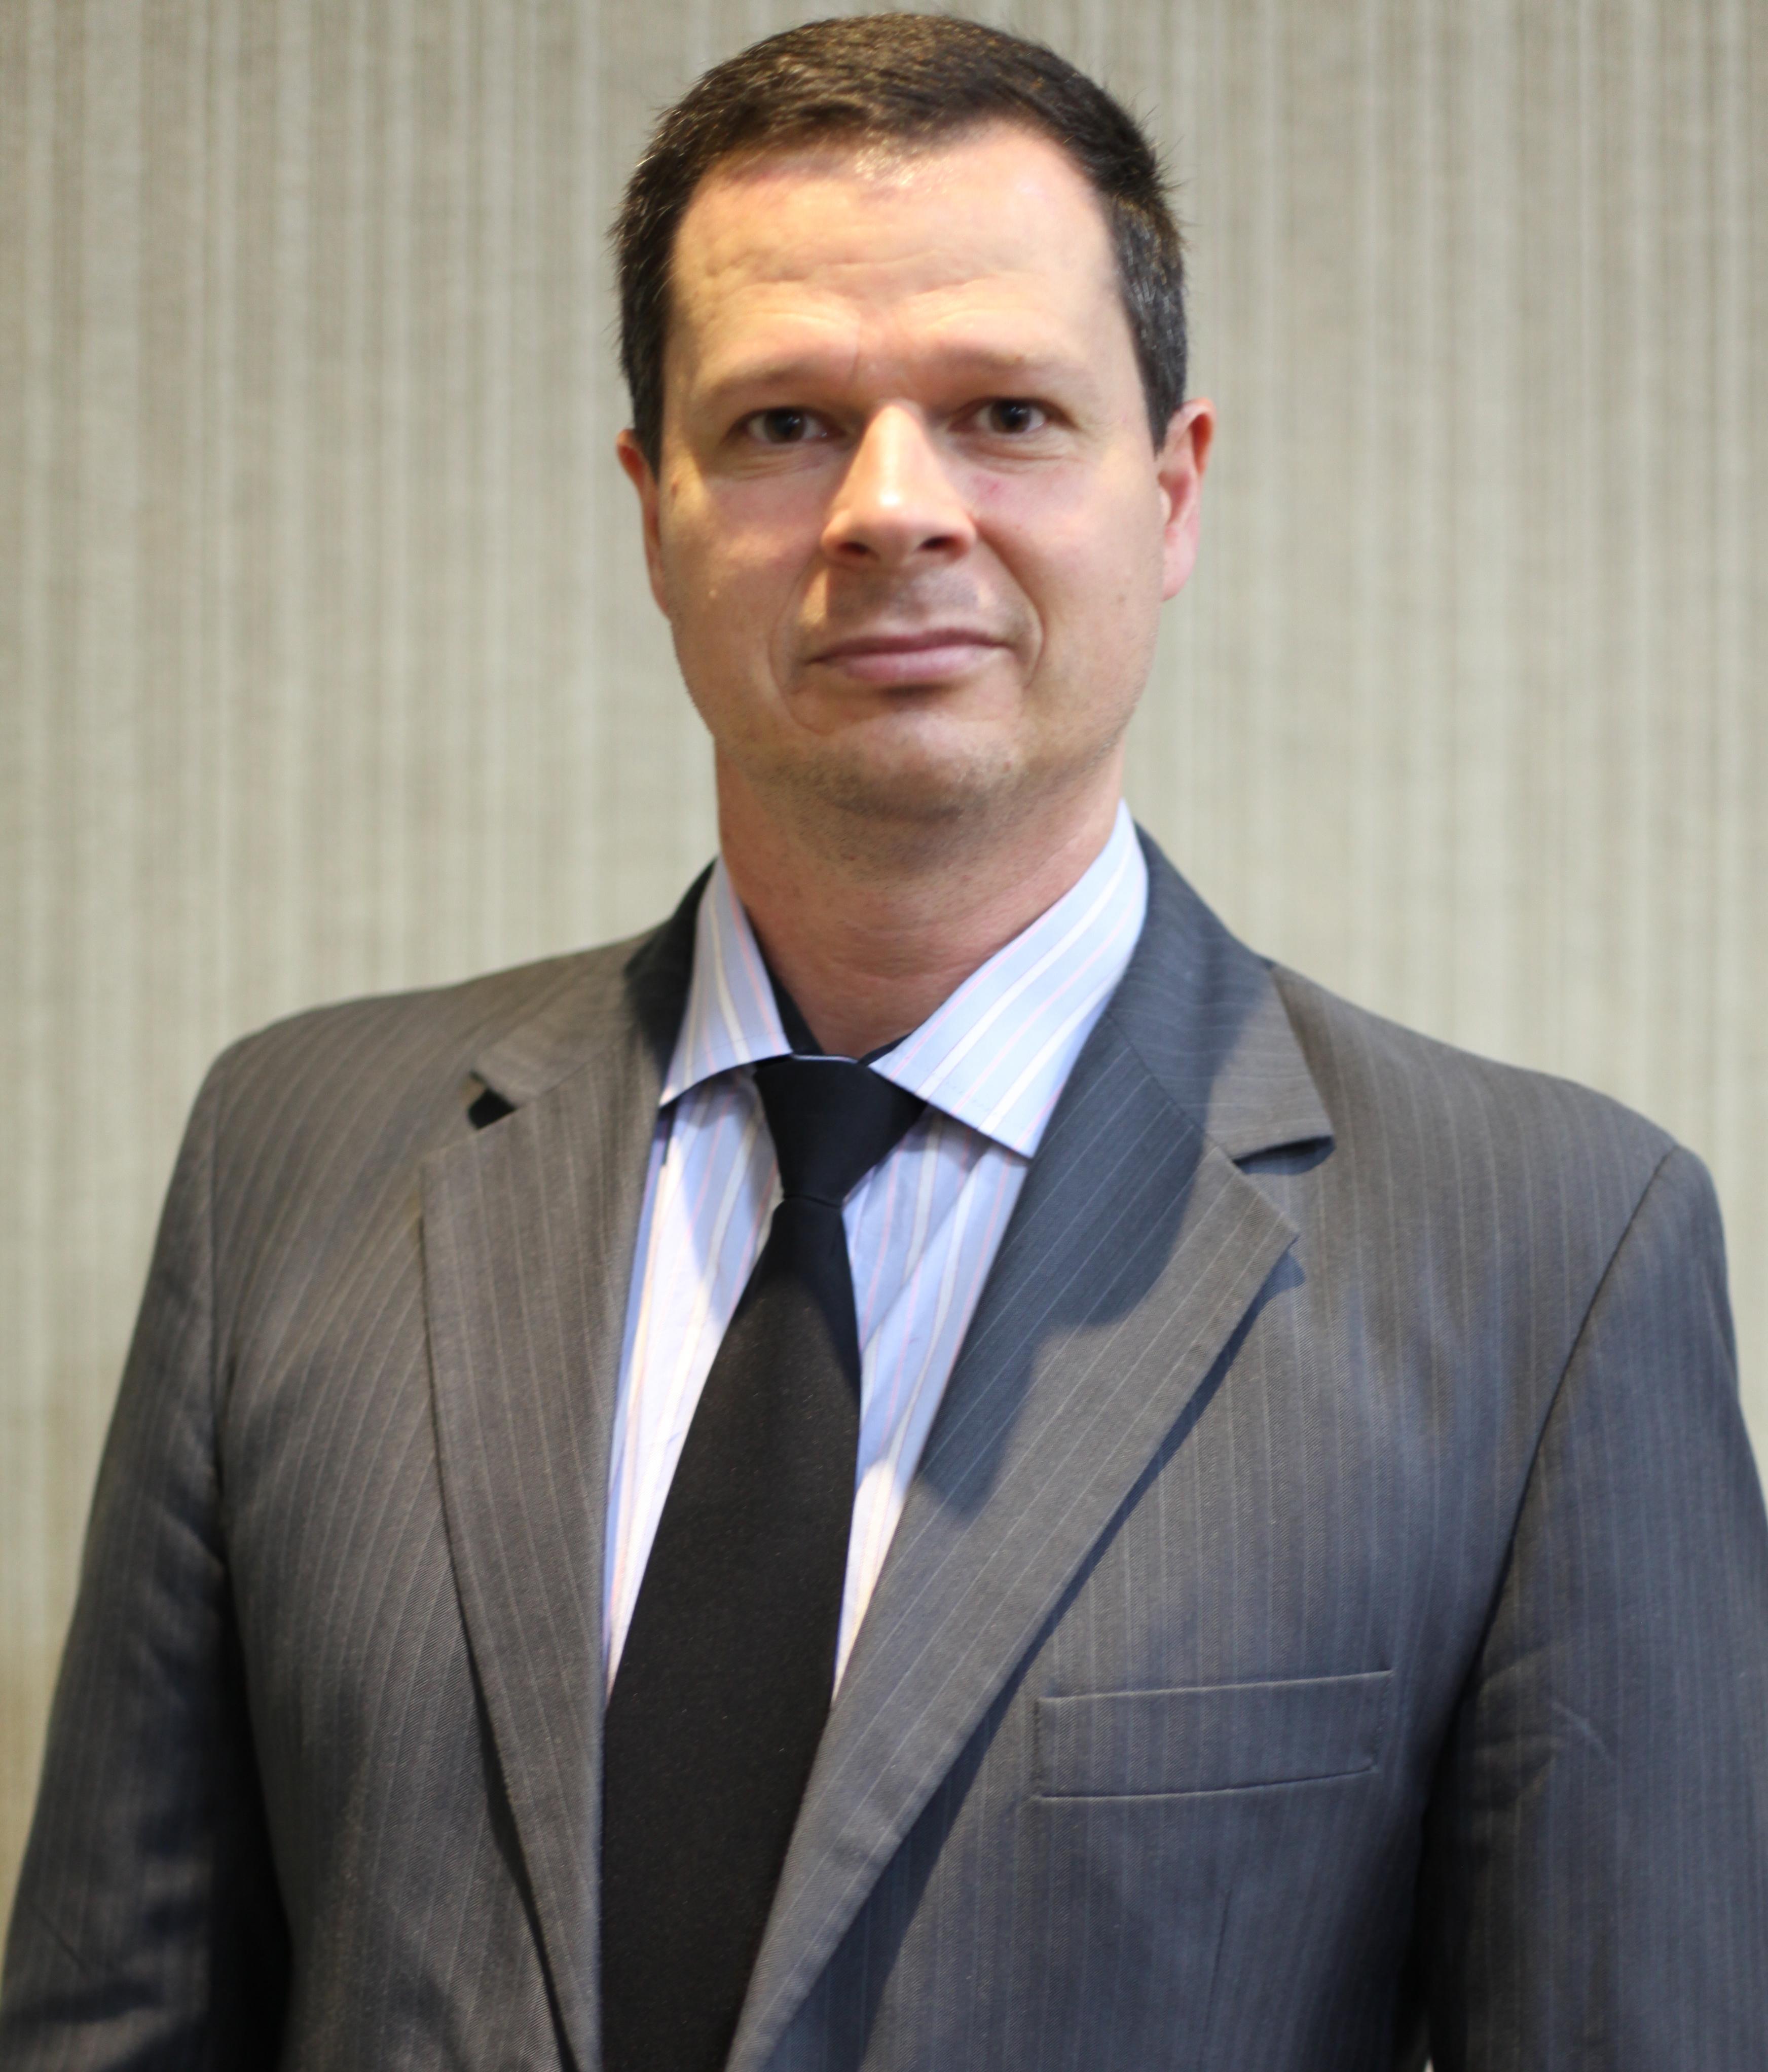 Edson Rauber